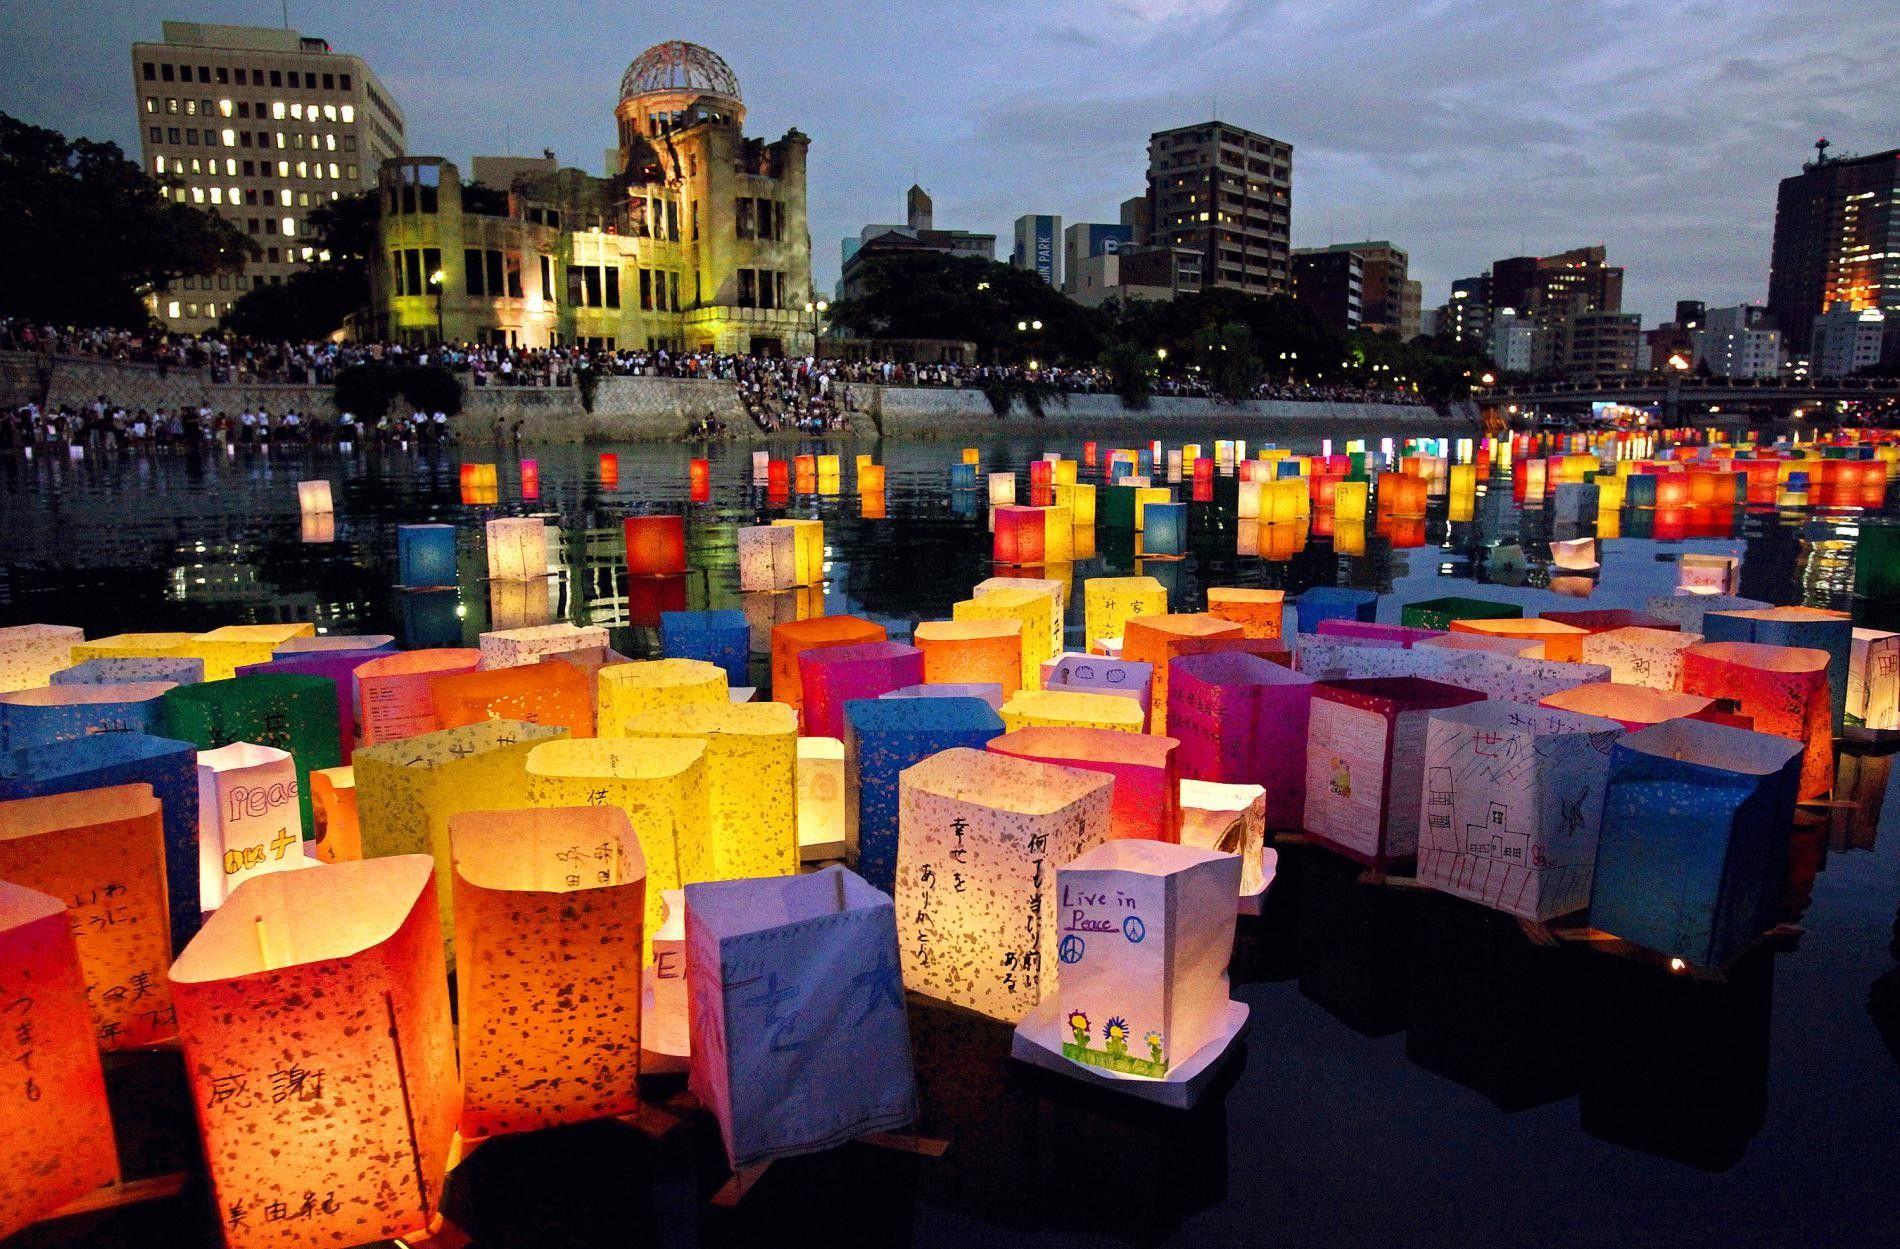 Des lanternes flottantes marquent l'anniversaire du bombardement d'Hiroshima. Chaque lanterne représente une vie perdue.